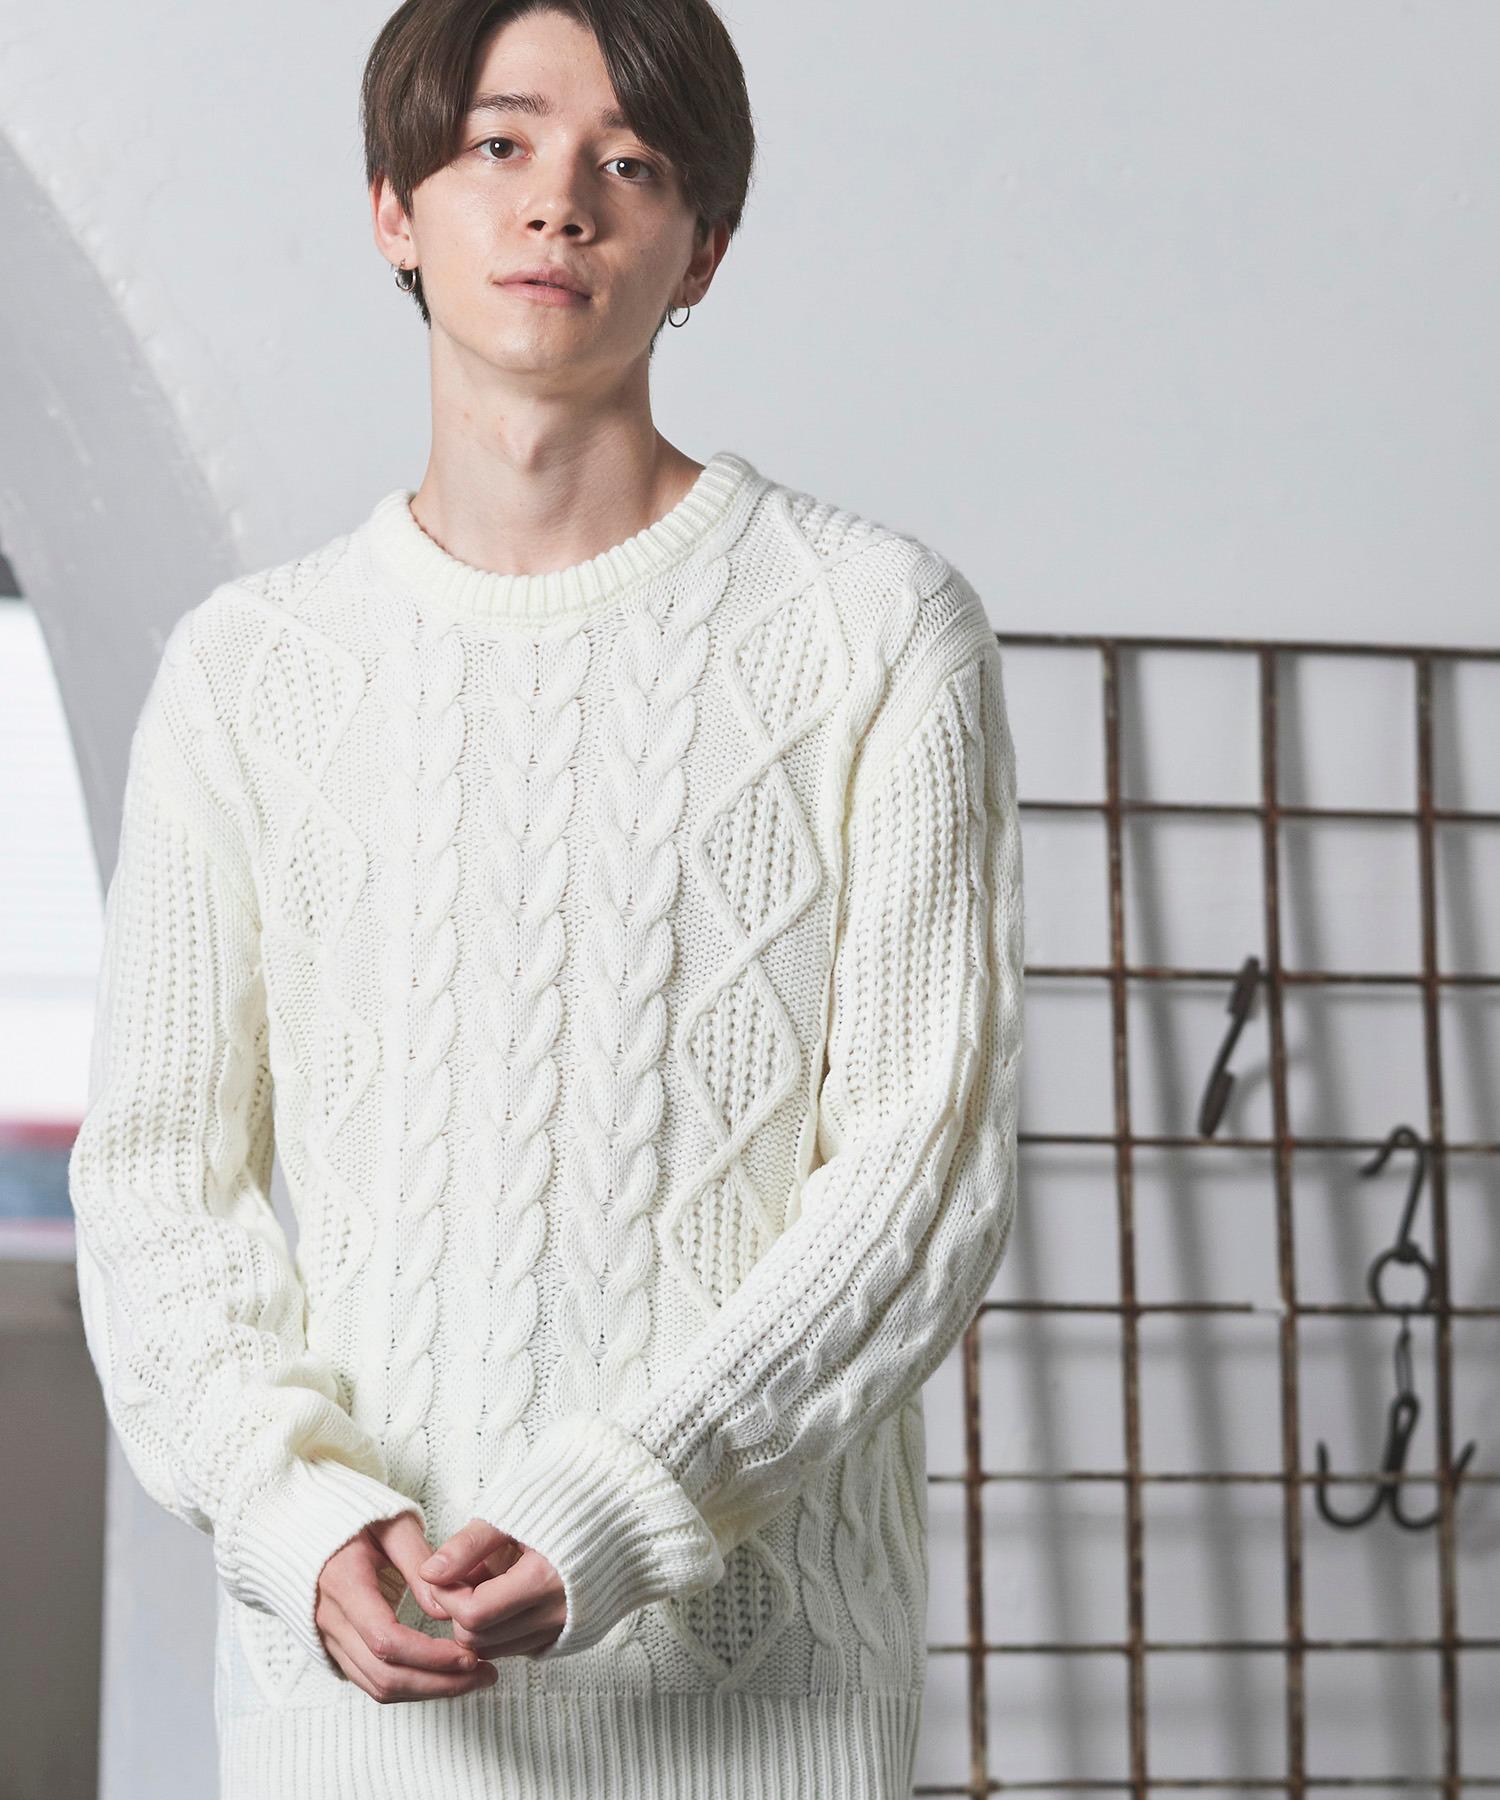 オーバーサイズアラン編みクルーネックケーブルニットセーター2019-2020WINTER(MONO-MART)